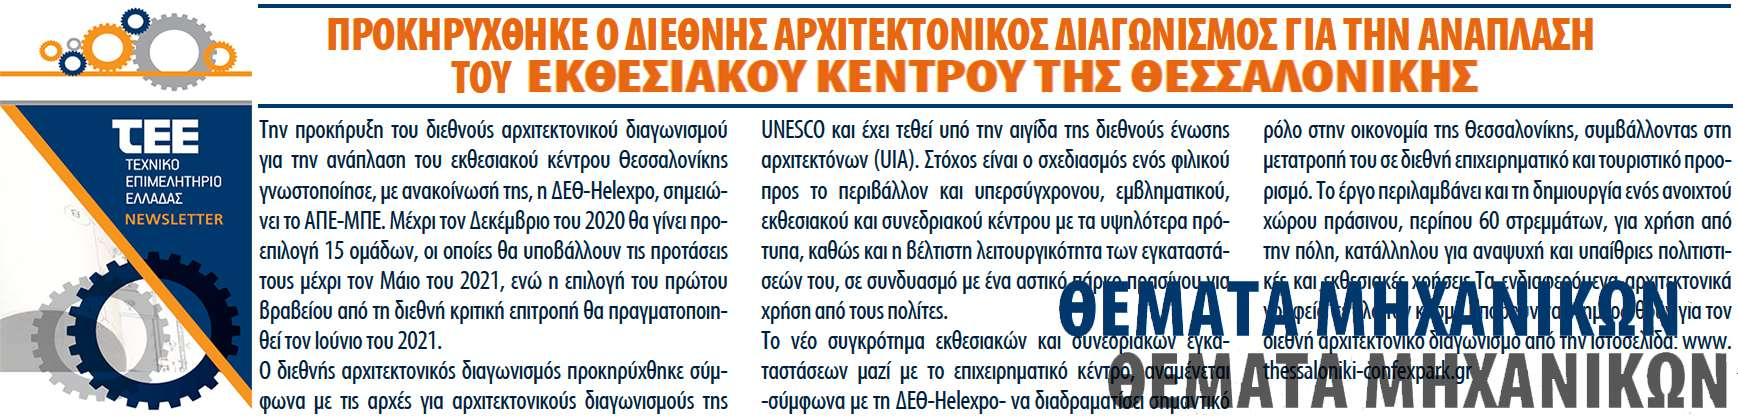 ΔΕΘ Helexpo TEE